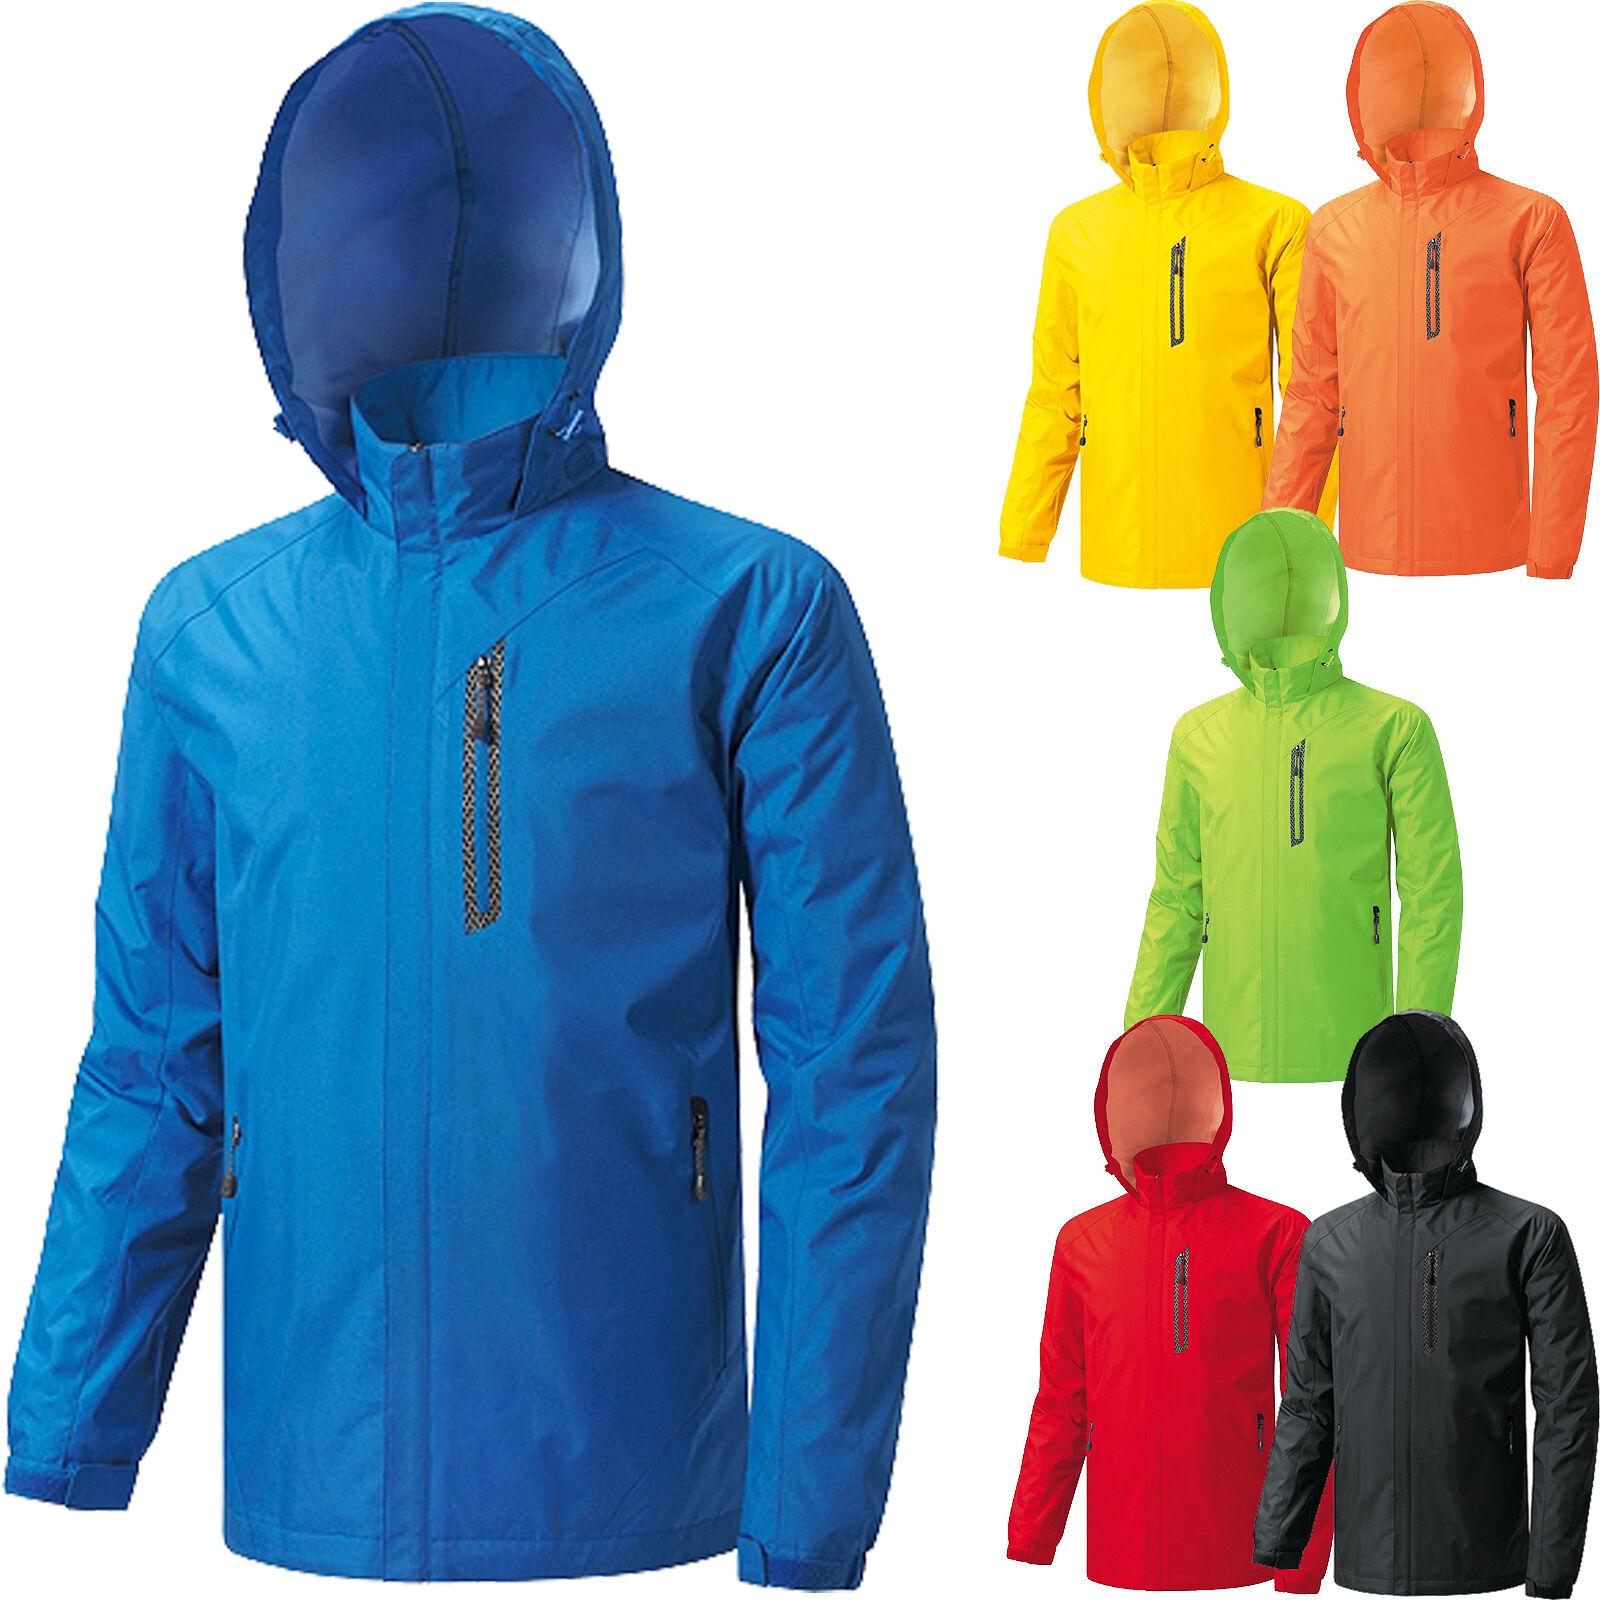 Vízálló Szélálló Soft Shell Rain Hooded Hiking Outdoor Zip Zip Jacket